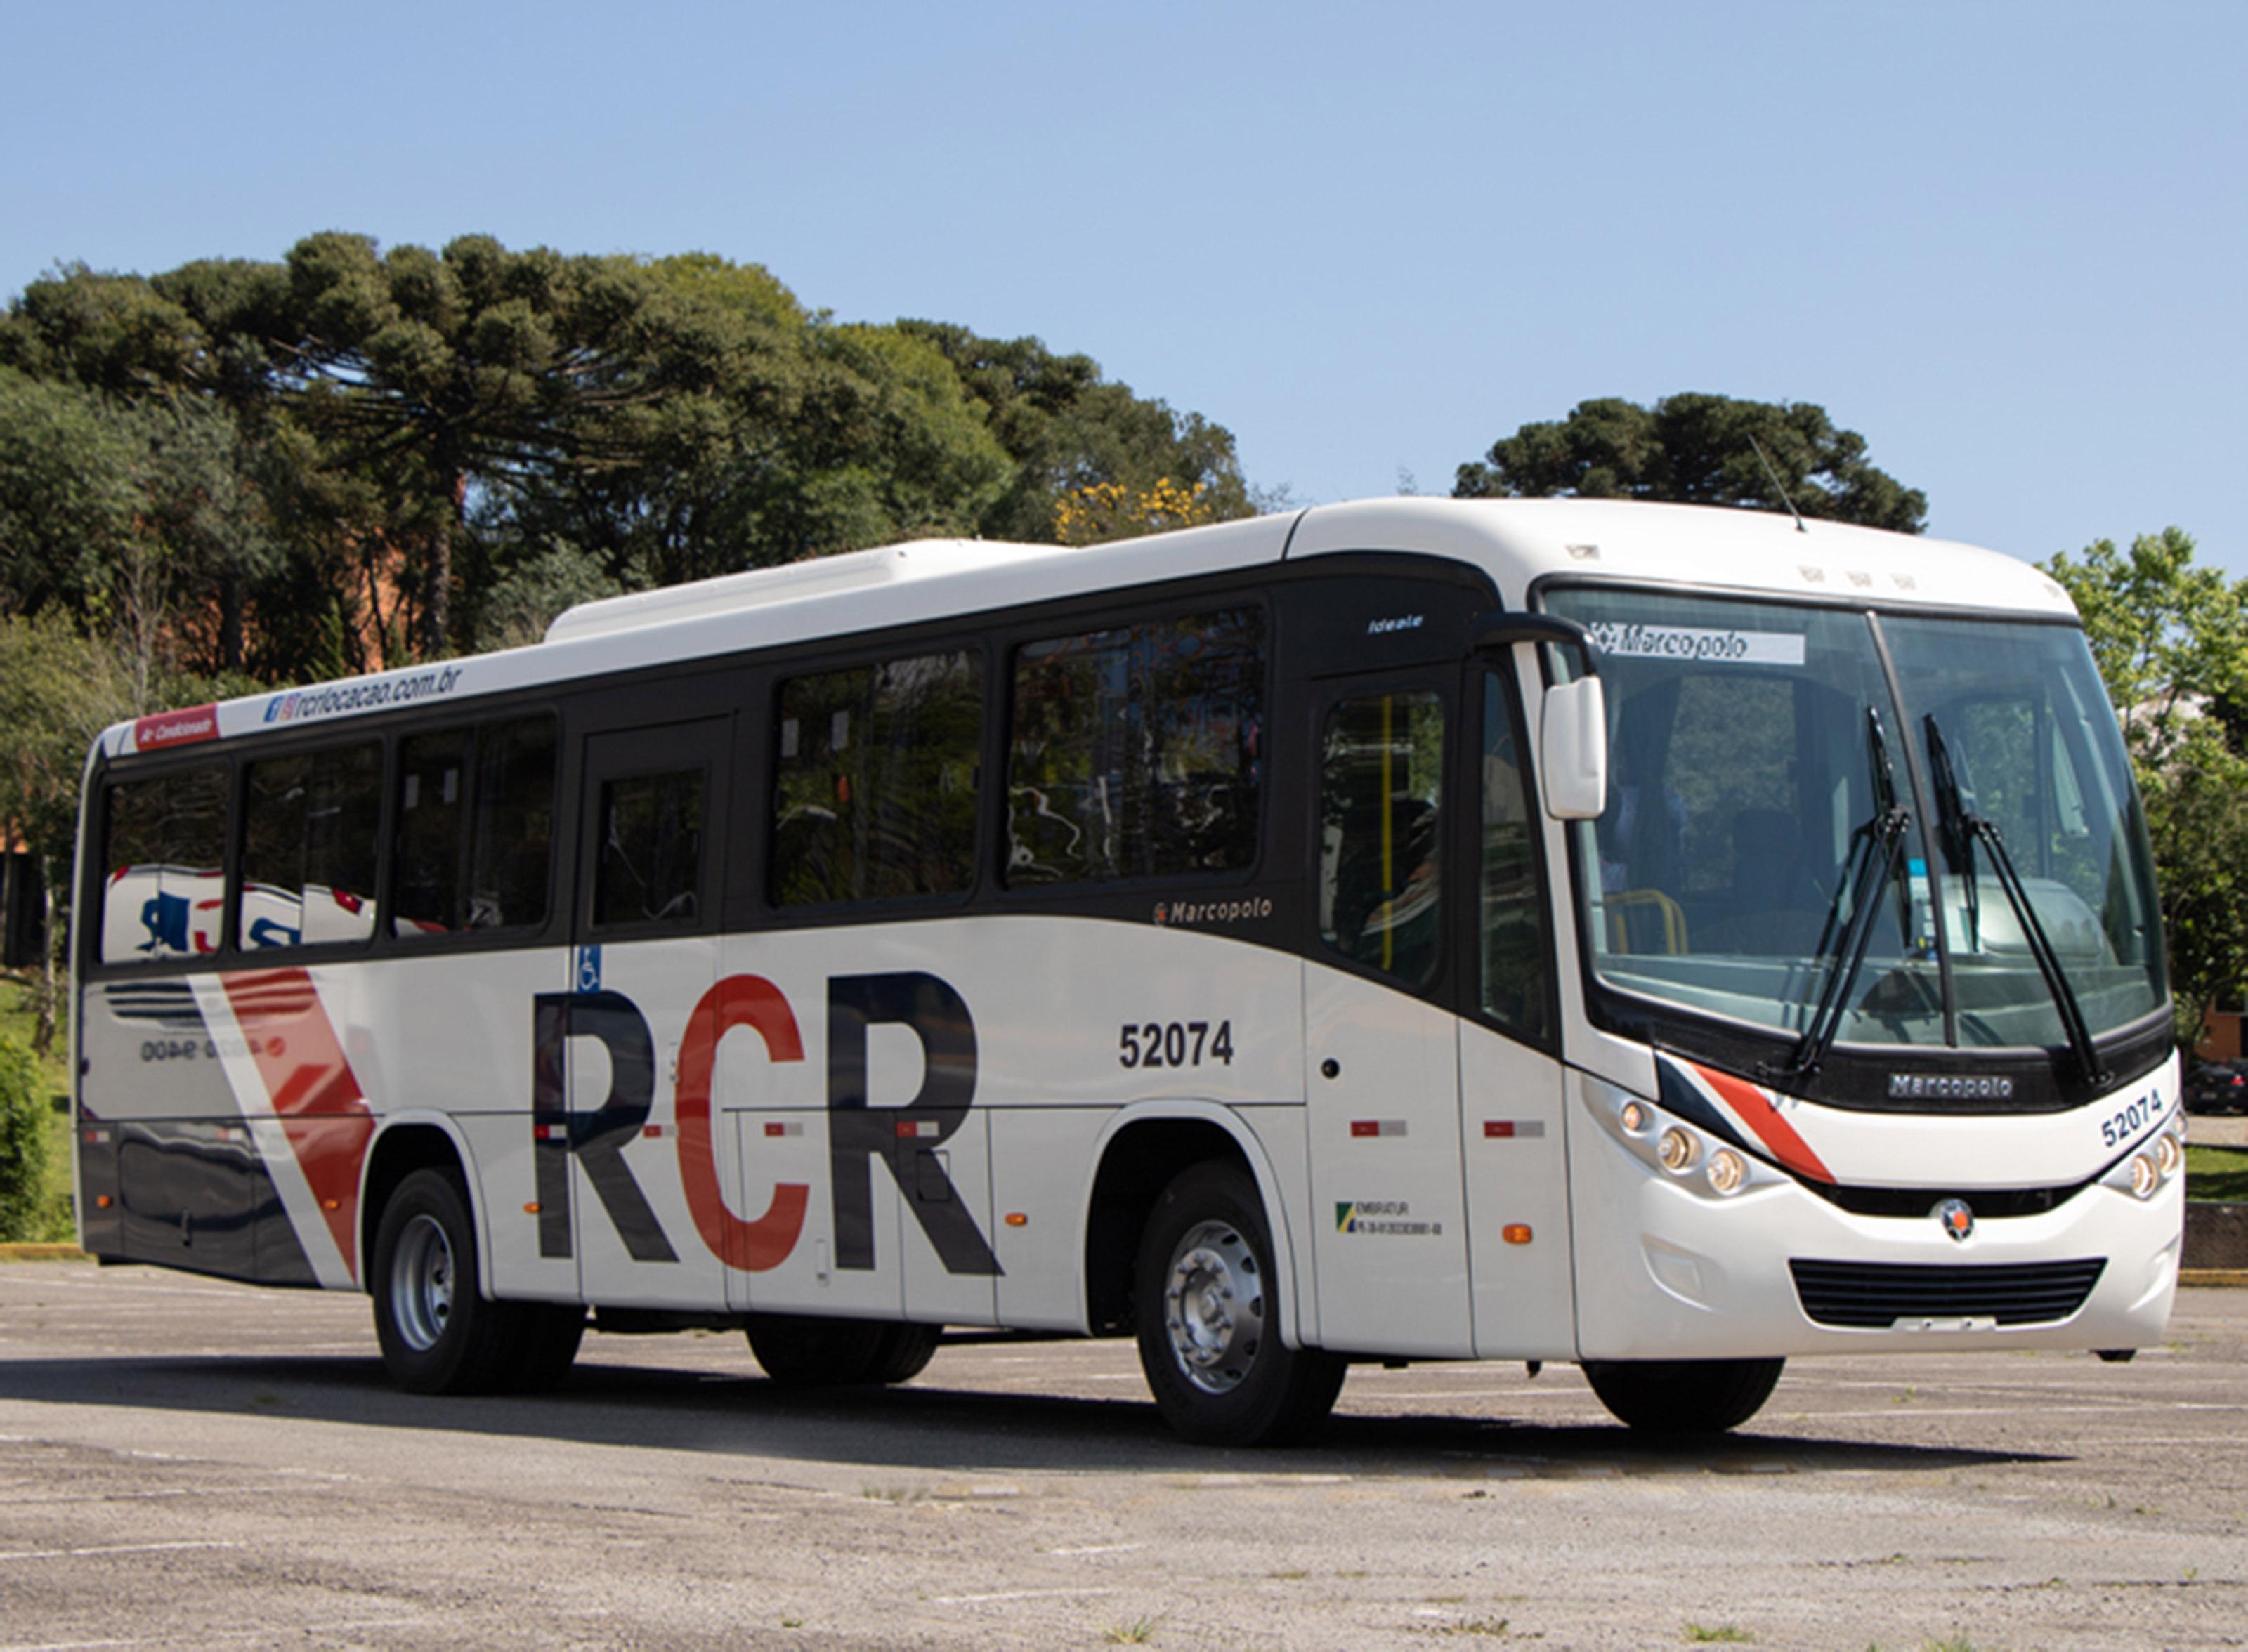 26102020 Marcopolo RCR_1